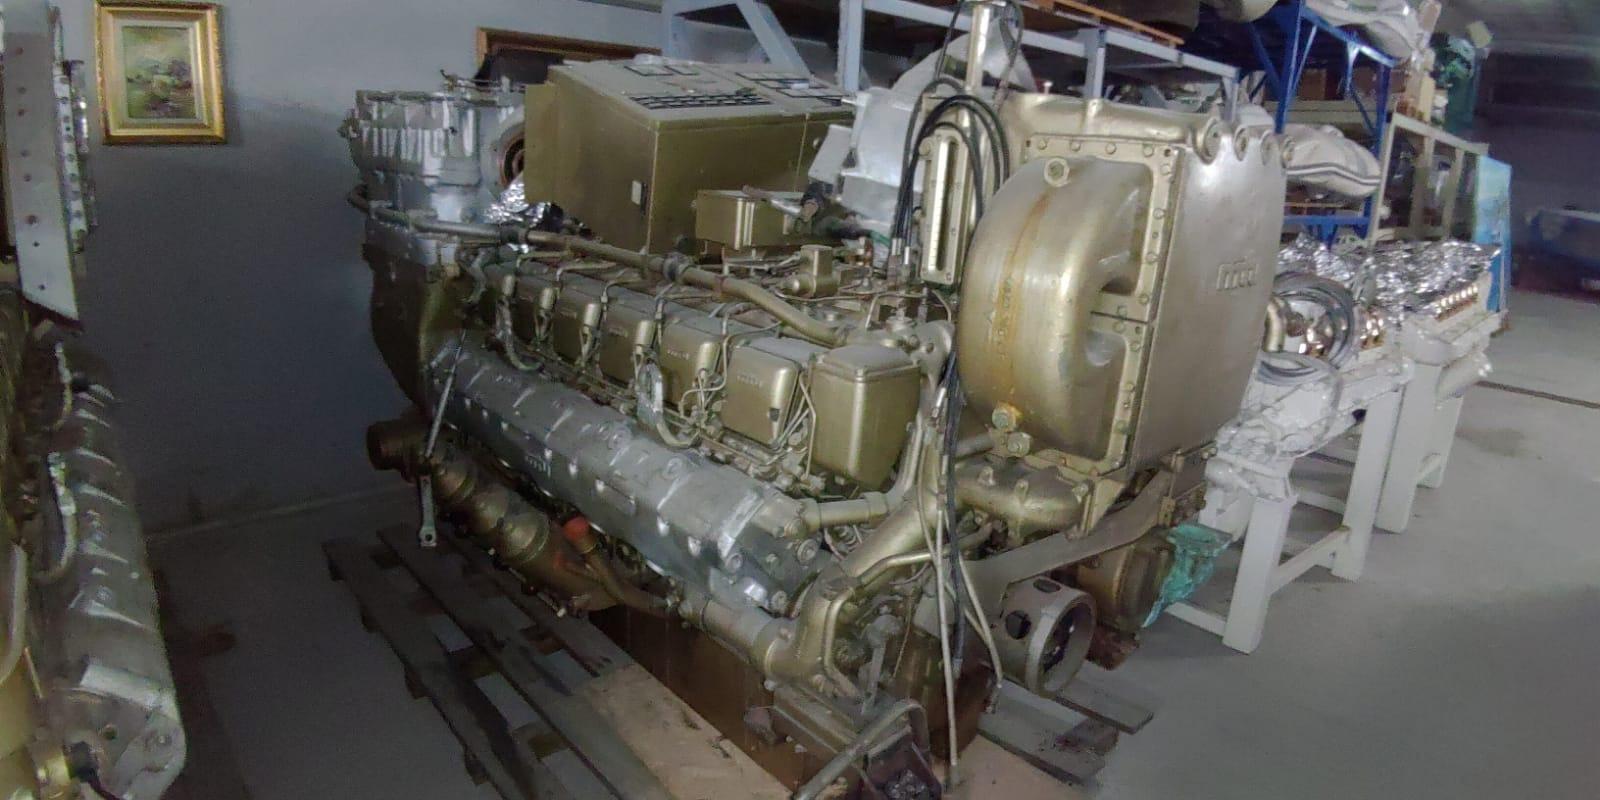 Used MTU 12V396 for sale in Turkey - Kitmondo